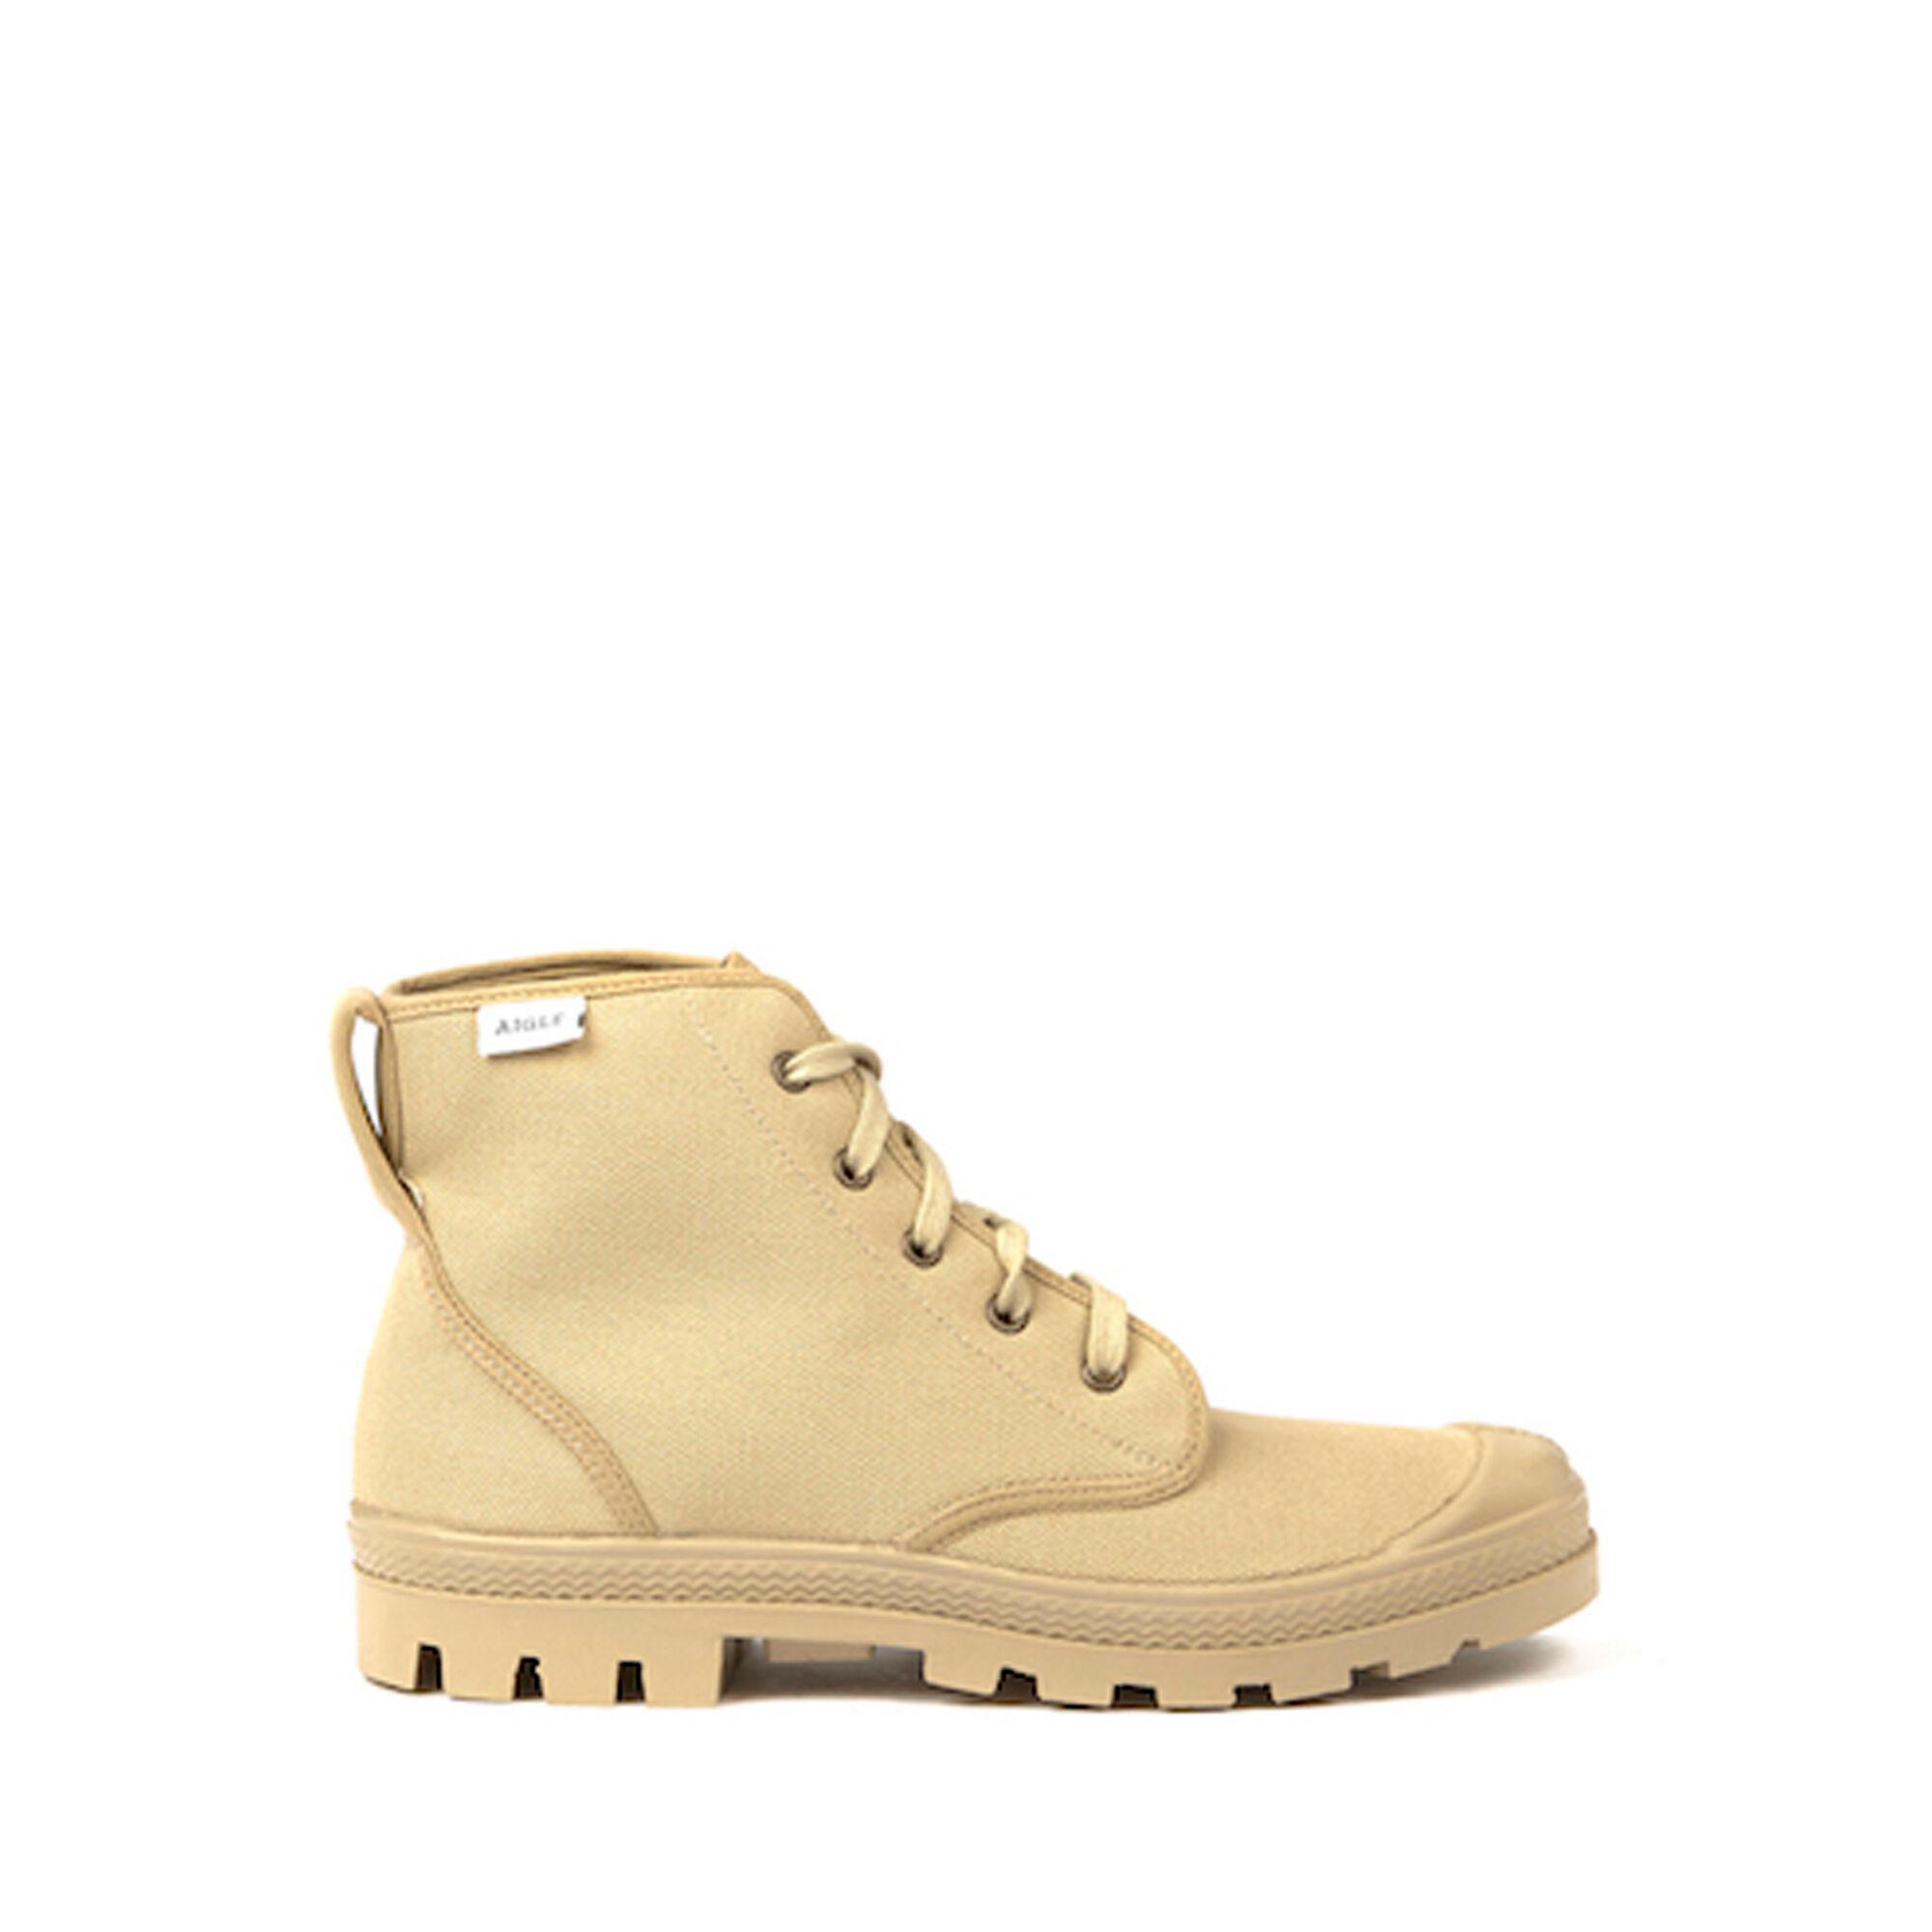 Chaussures de marche et loisirs homme ...